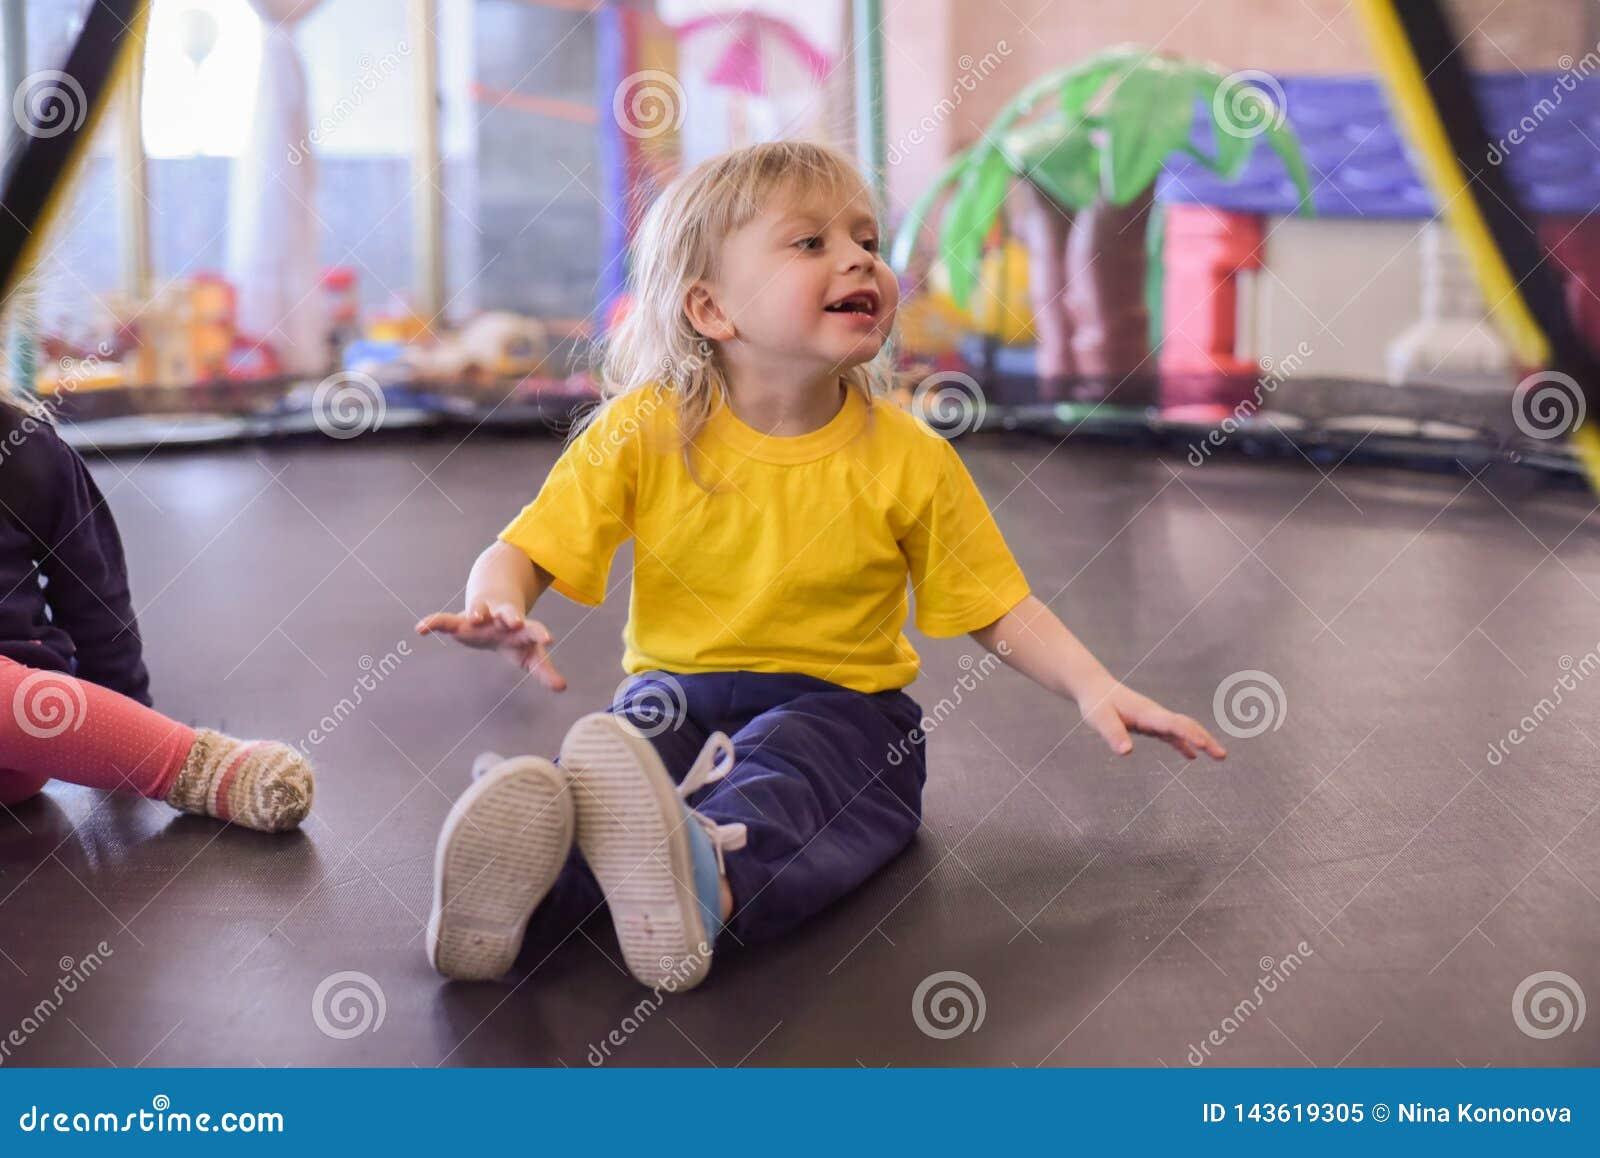 一个白肤金发的男孩的画象一件黄色T恤杉的 儿童微笑和戏剧在儿童的游戏室 孩子在跳